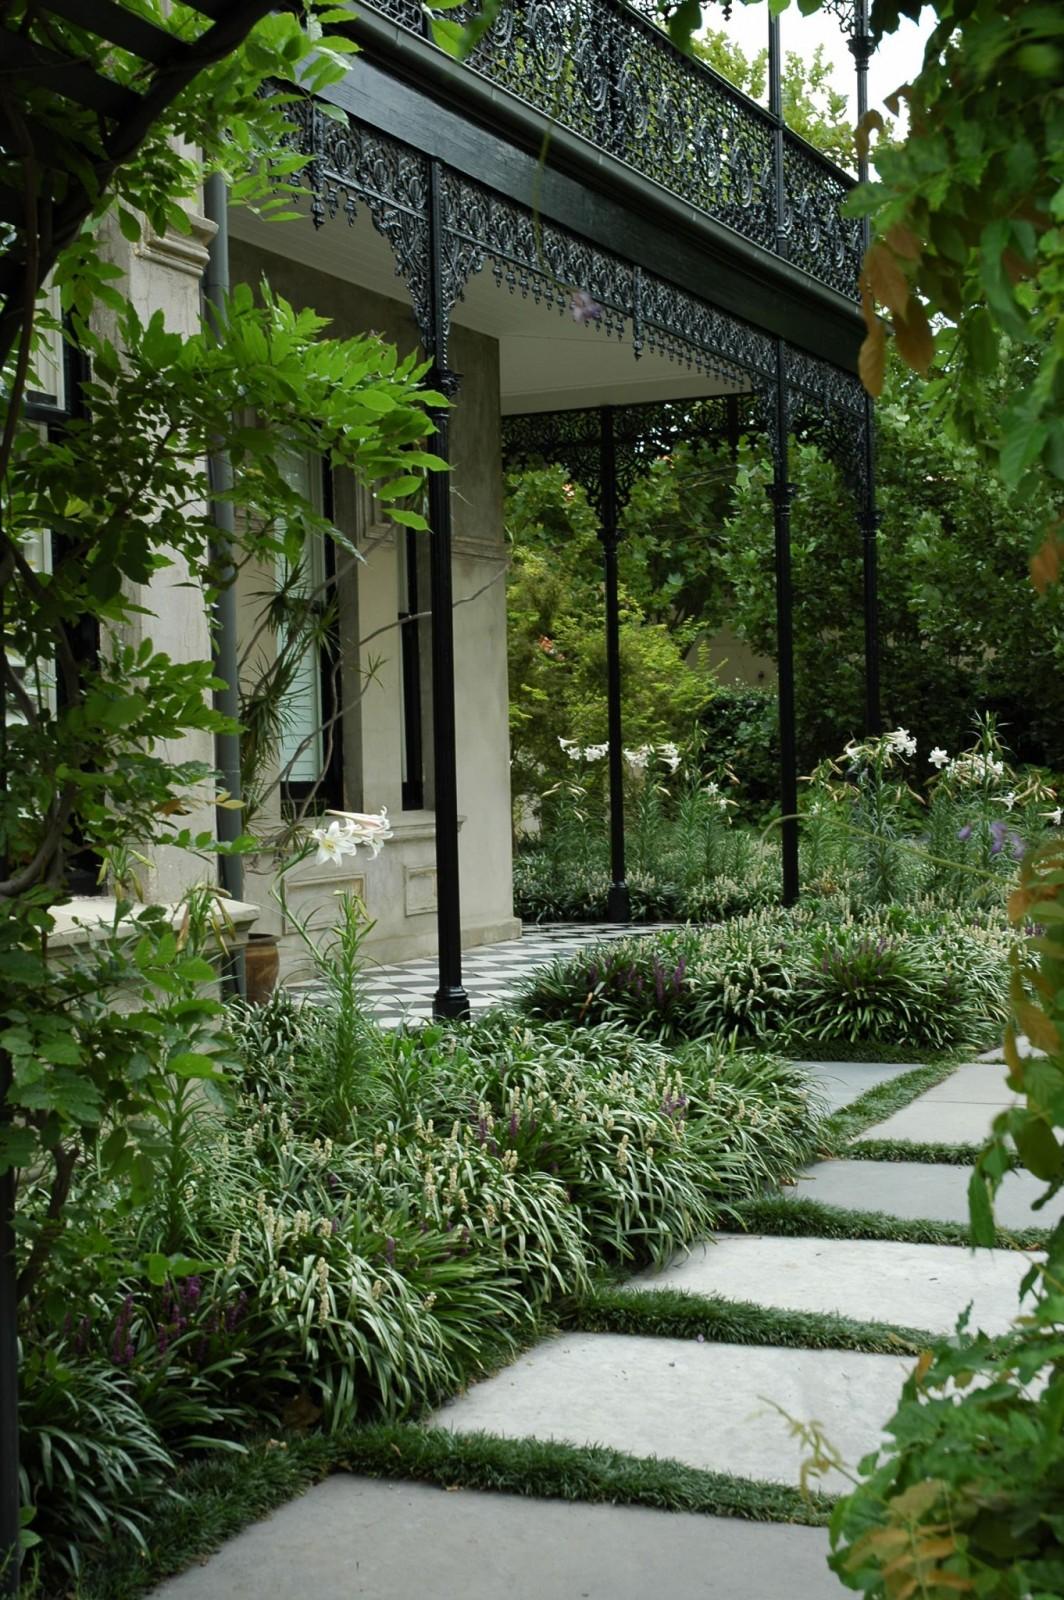 lillie-malvern-eckersley-garden-architecture